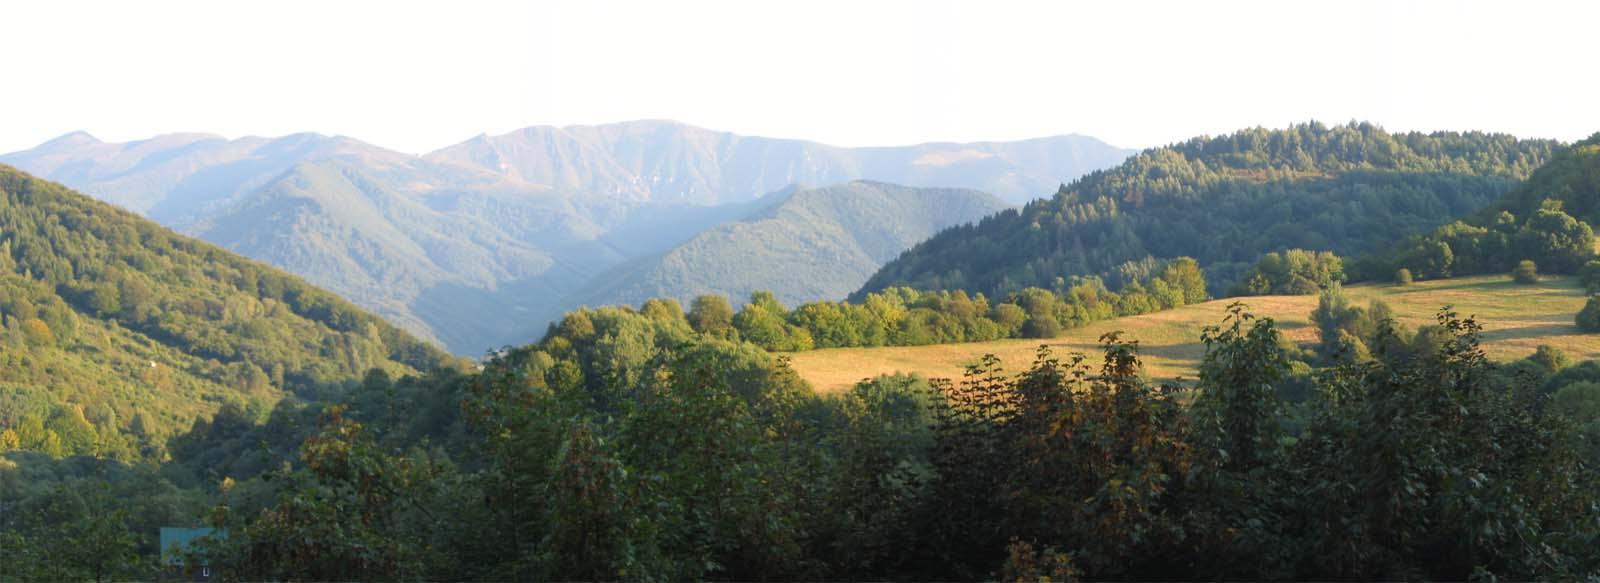 Chata Chabadová - ubytovanie Terchová, Malá Fatra, Slovensko